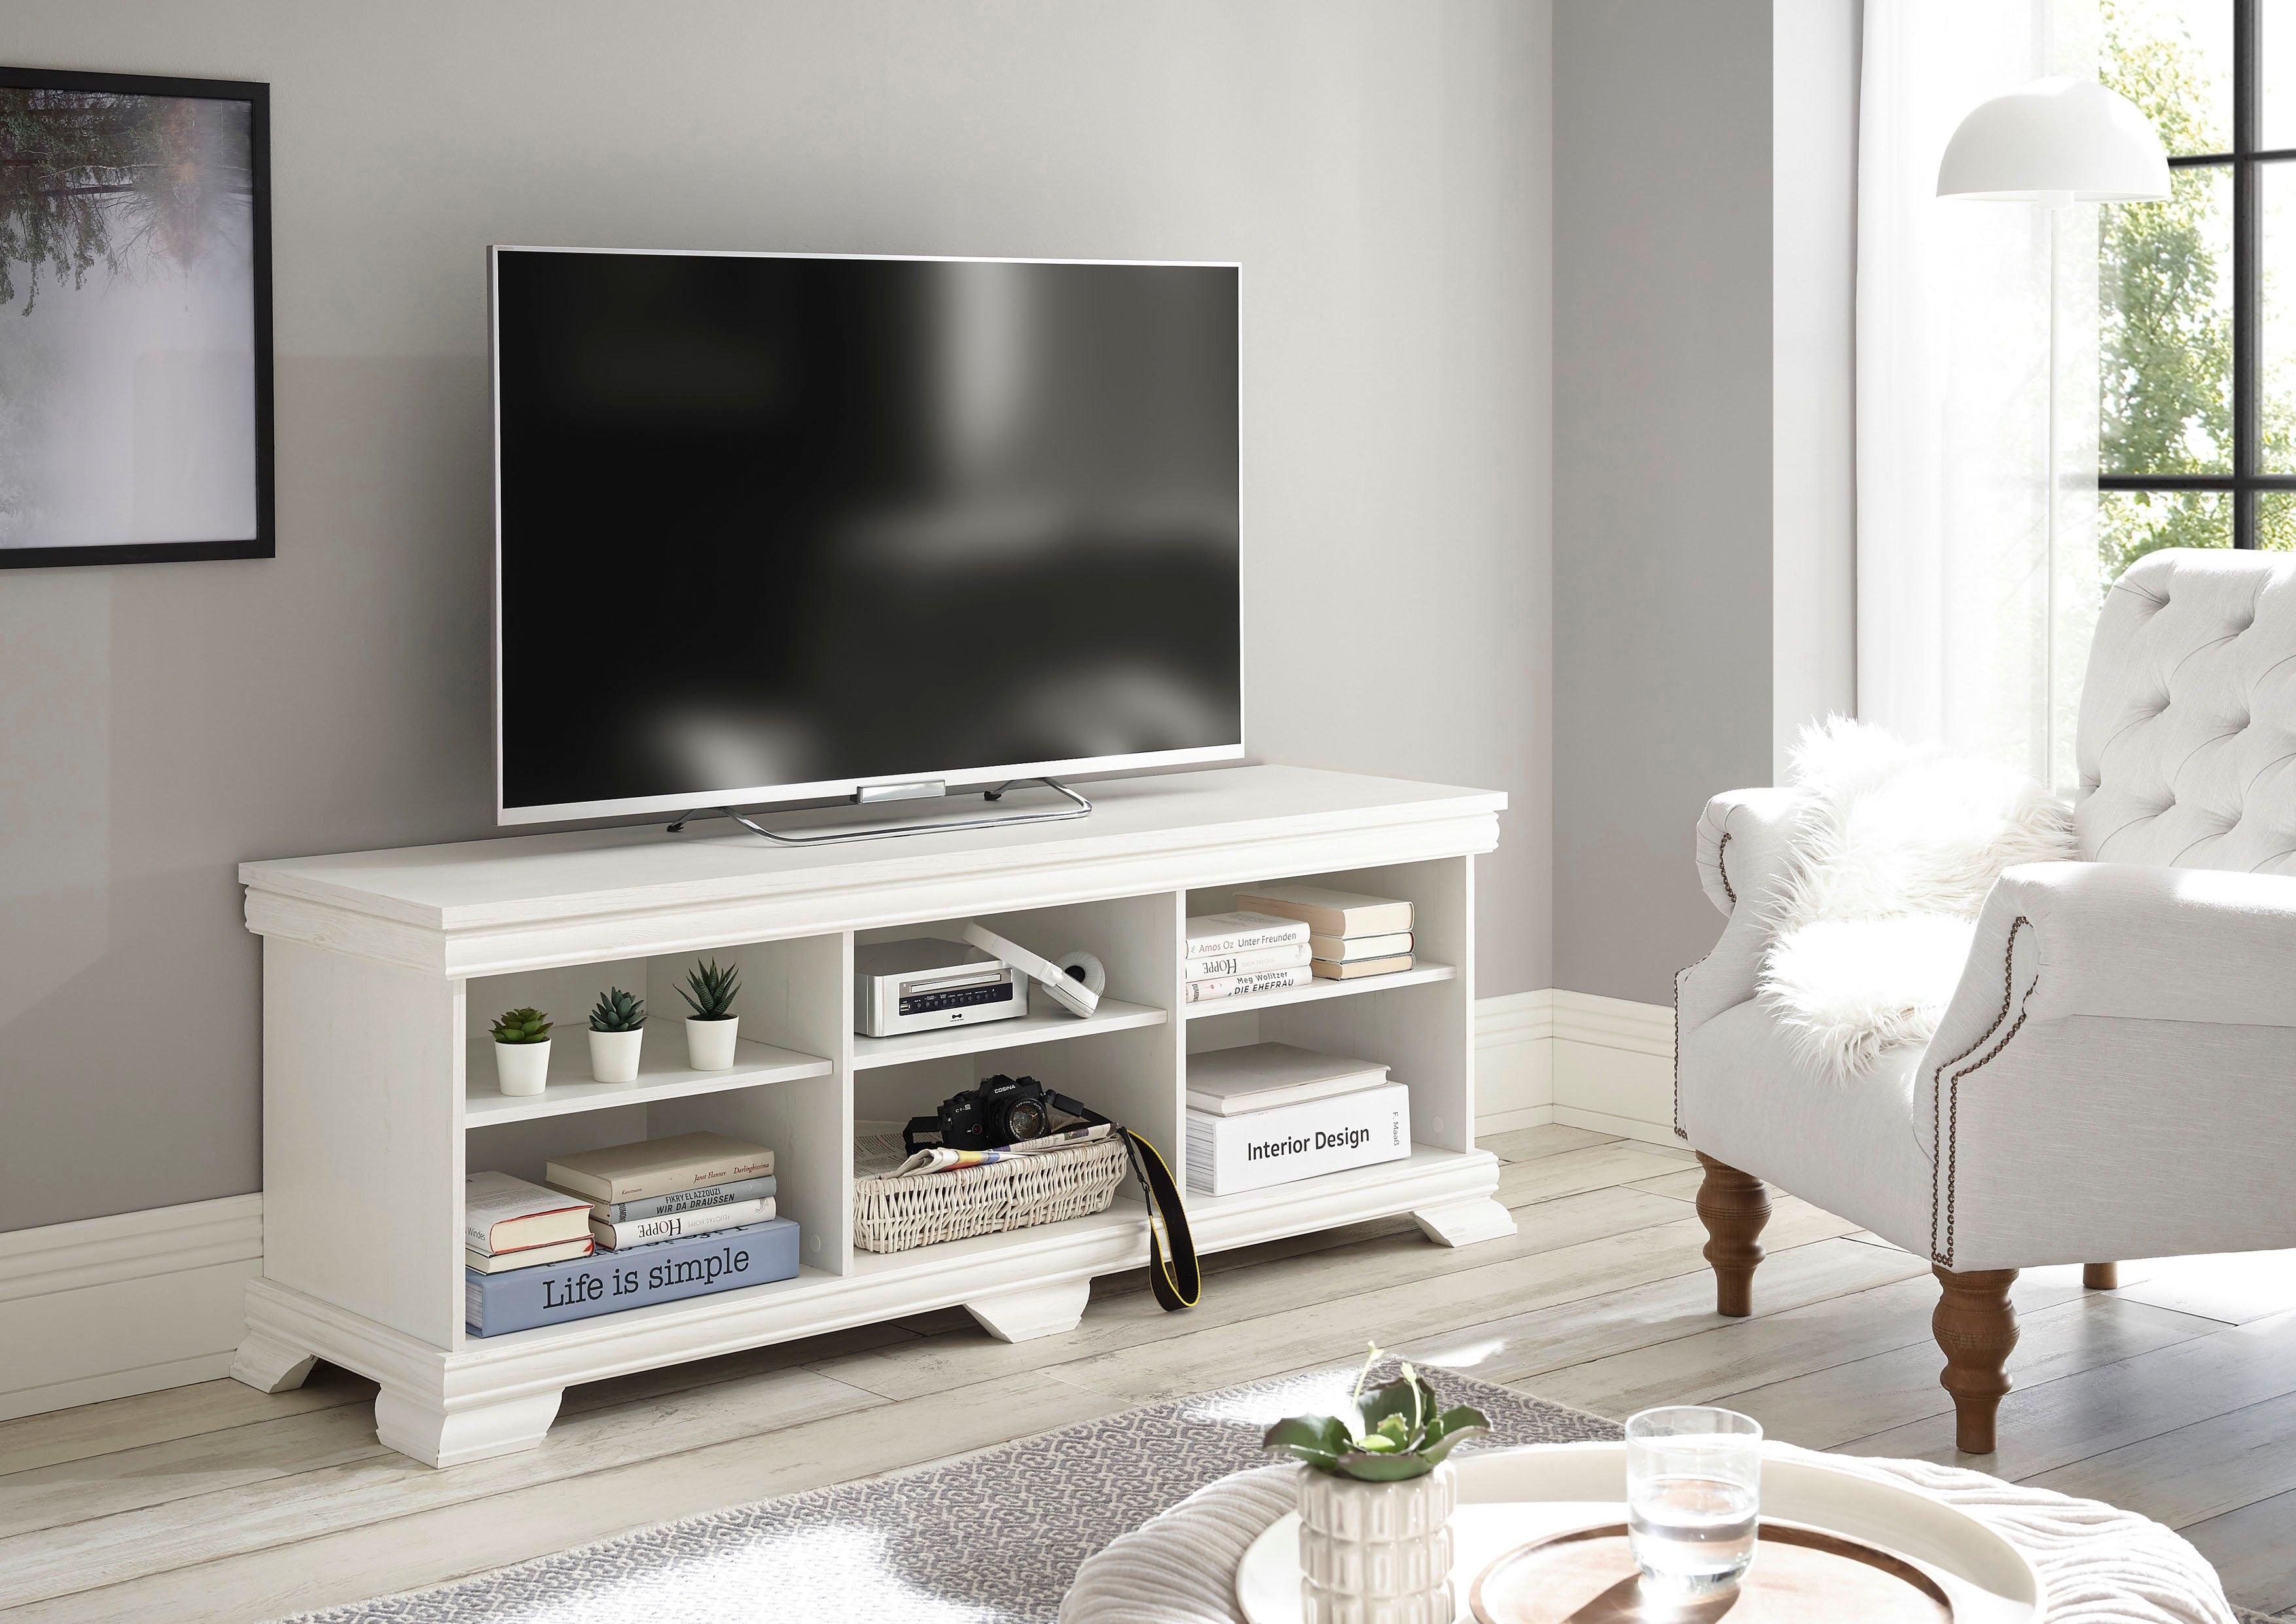 Home affaire tv-meubel Royal exclusief design in landhuisstijl veilig op otto.nl kopen